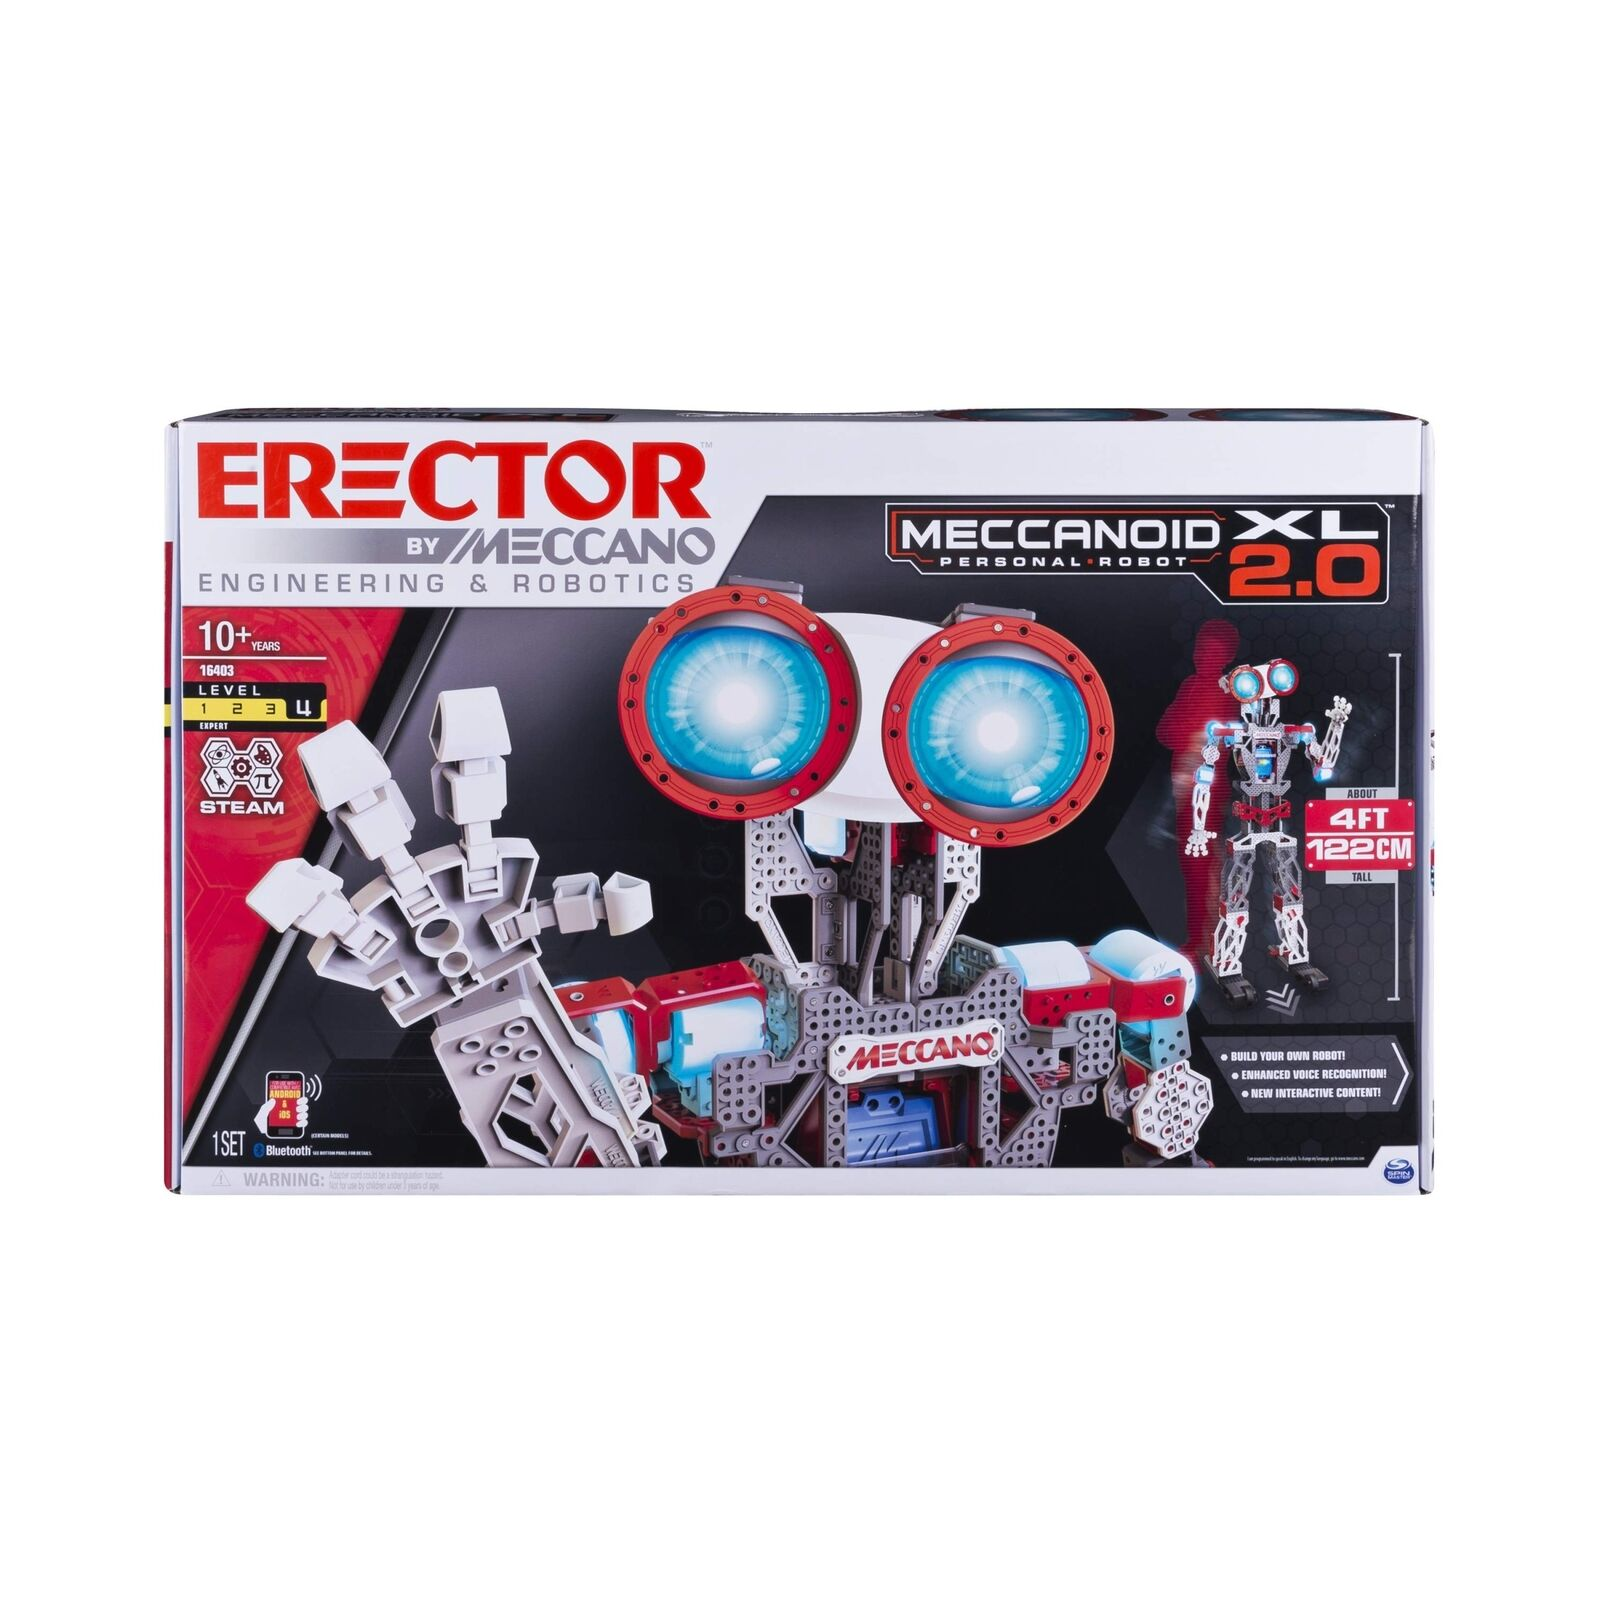 Meccano-Erector - Meccano-Erectorid XL 2.0 2nd Edition